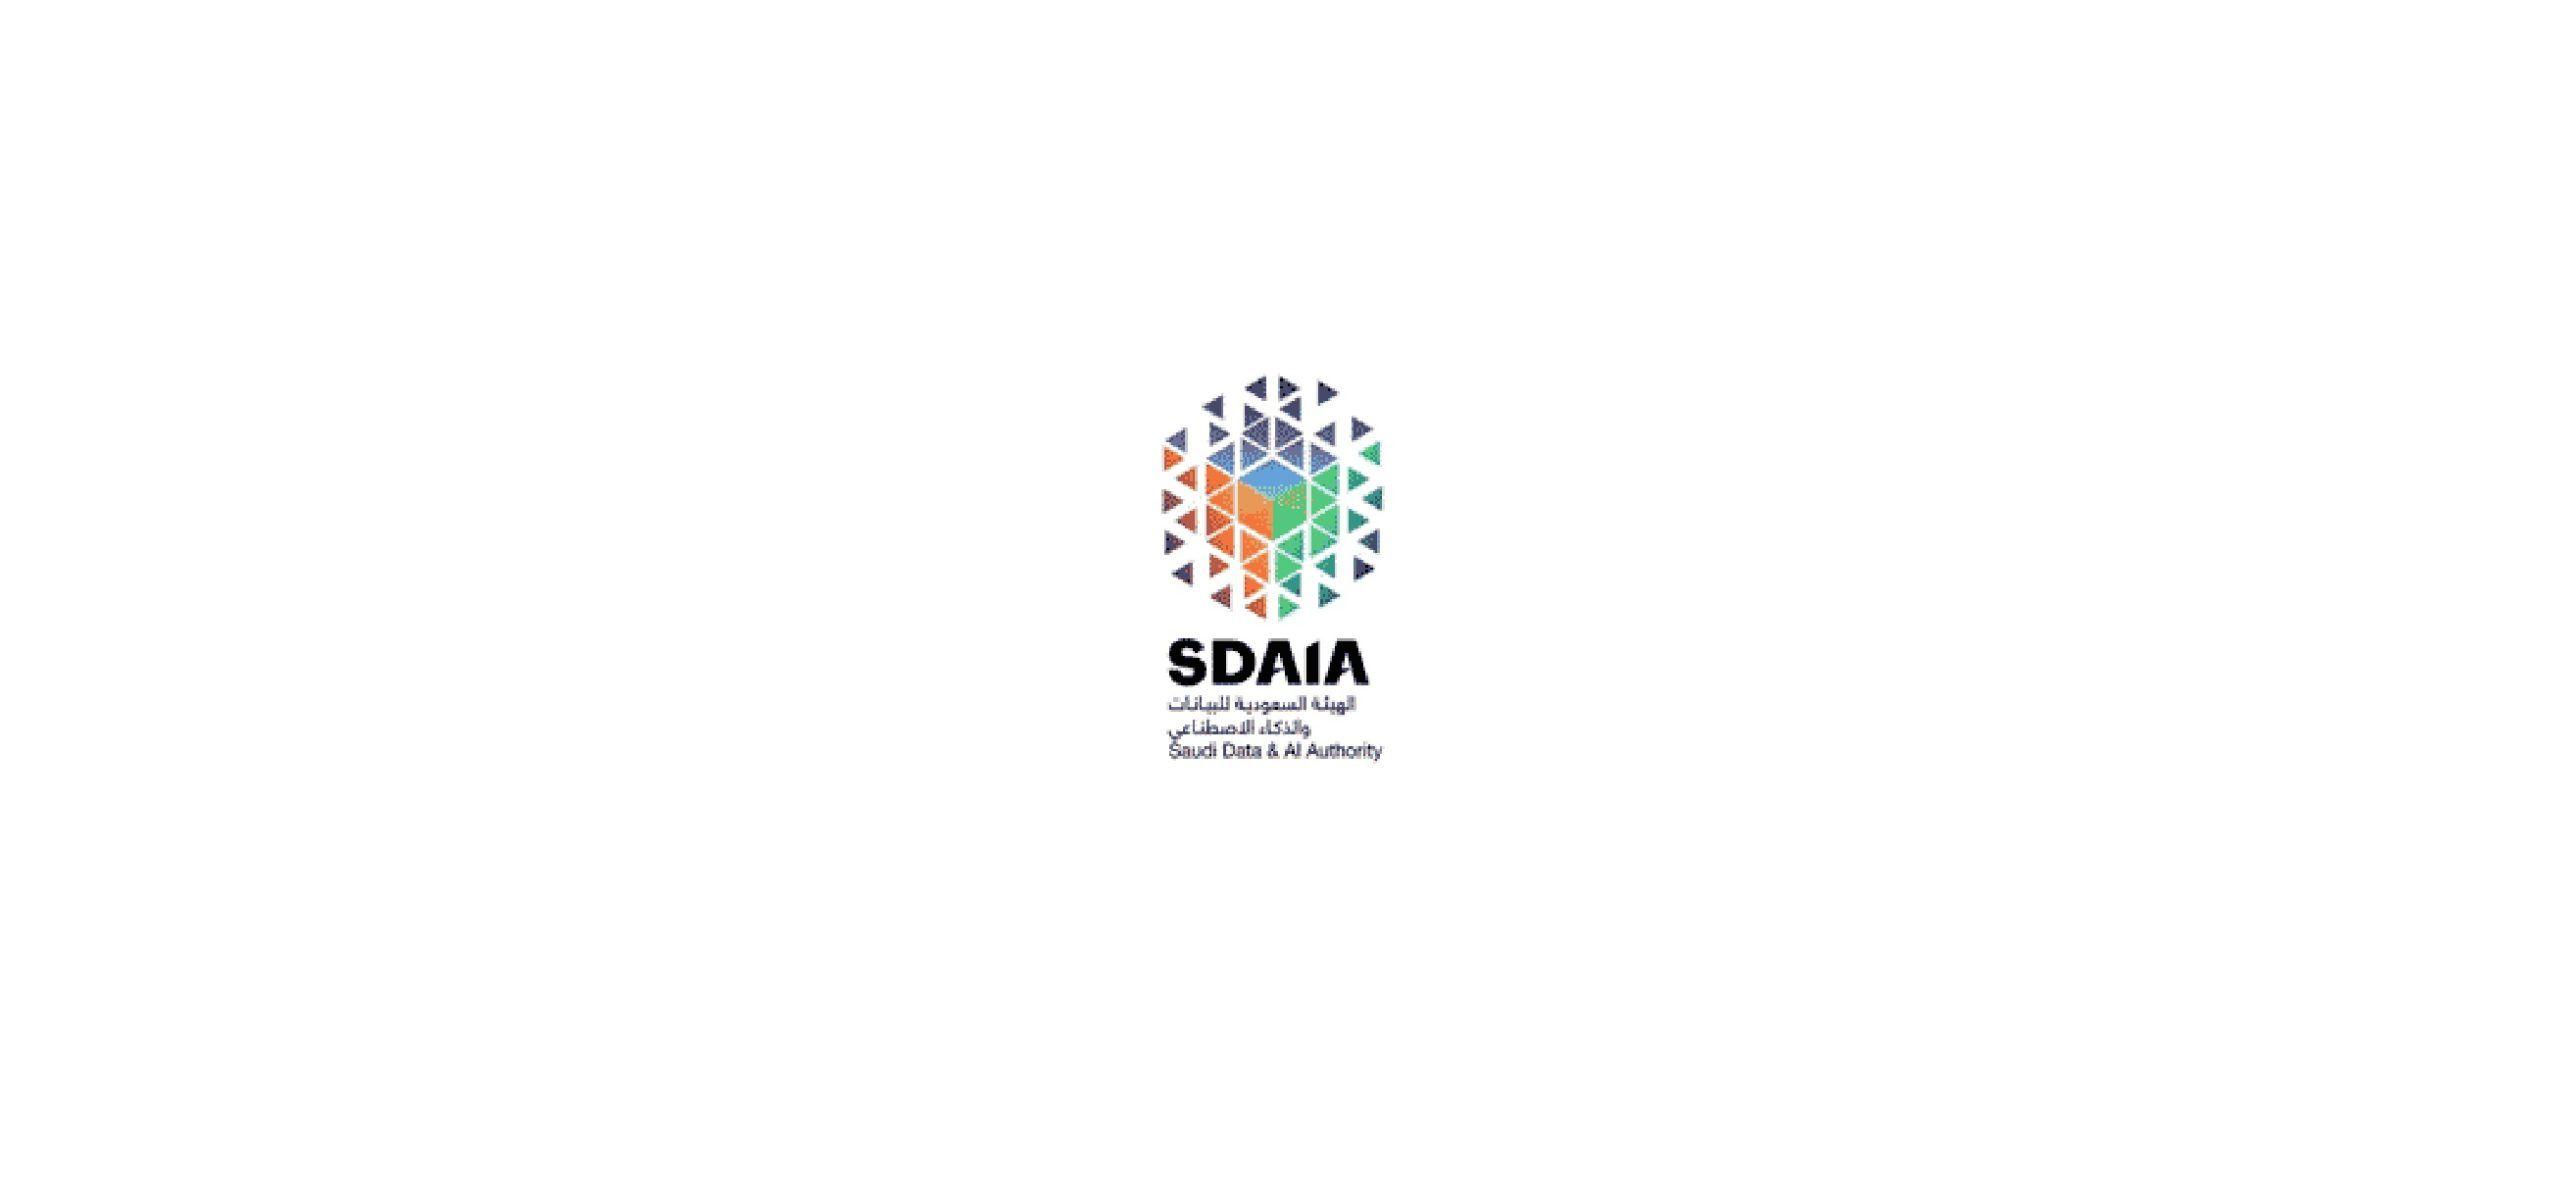 الهيئة السعودية للبيانات والذكاء الاصطناعي سدايا تعلن عن توفر وظيفة بمسمى أخصائي دعم التطبيقات Job